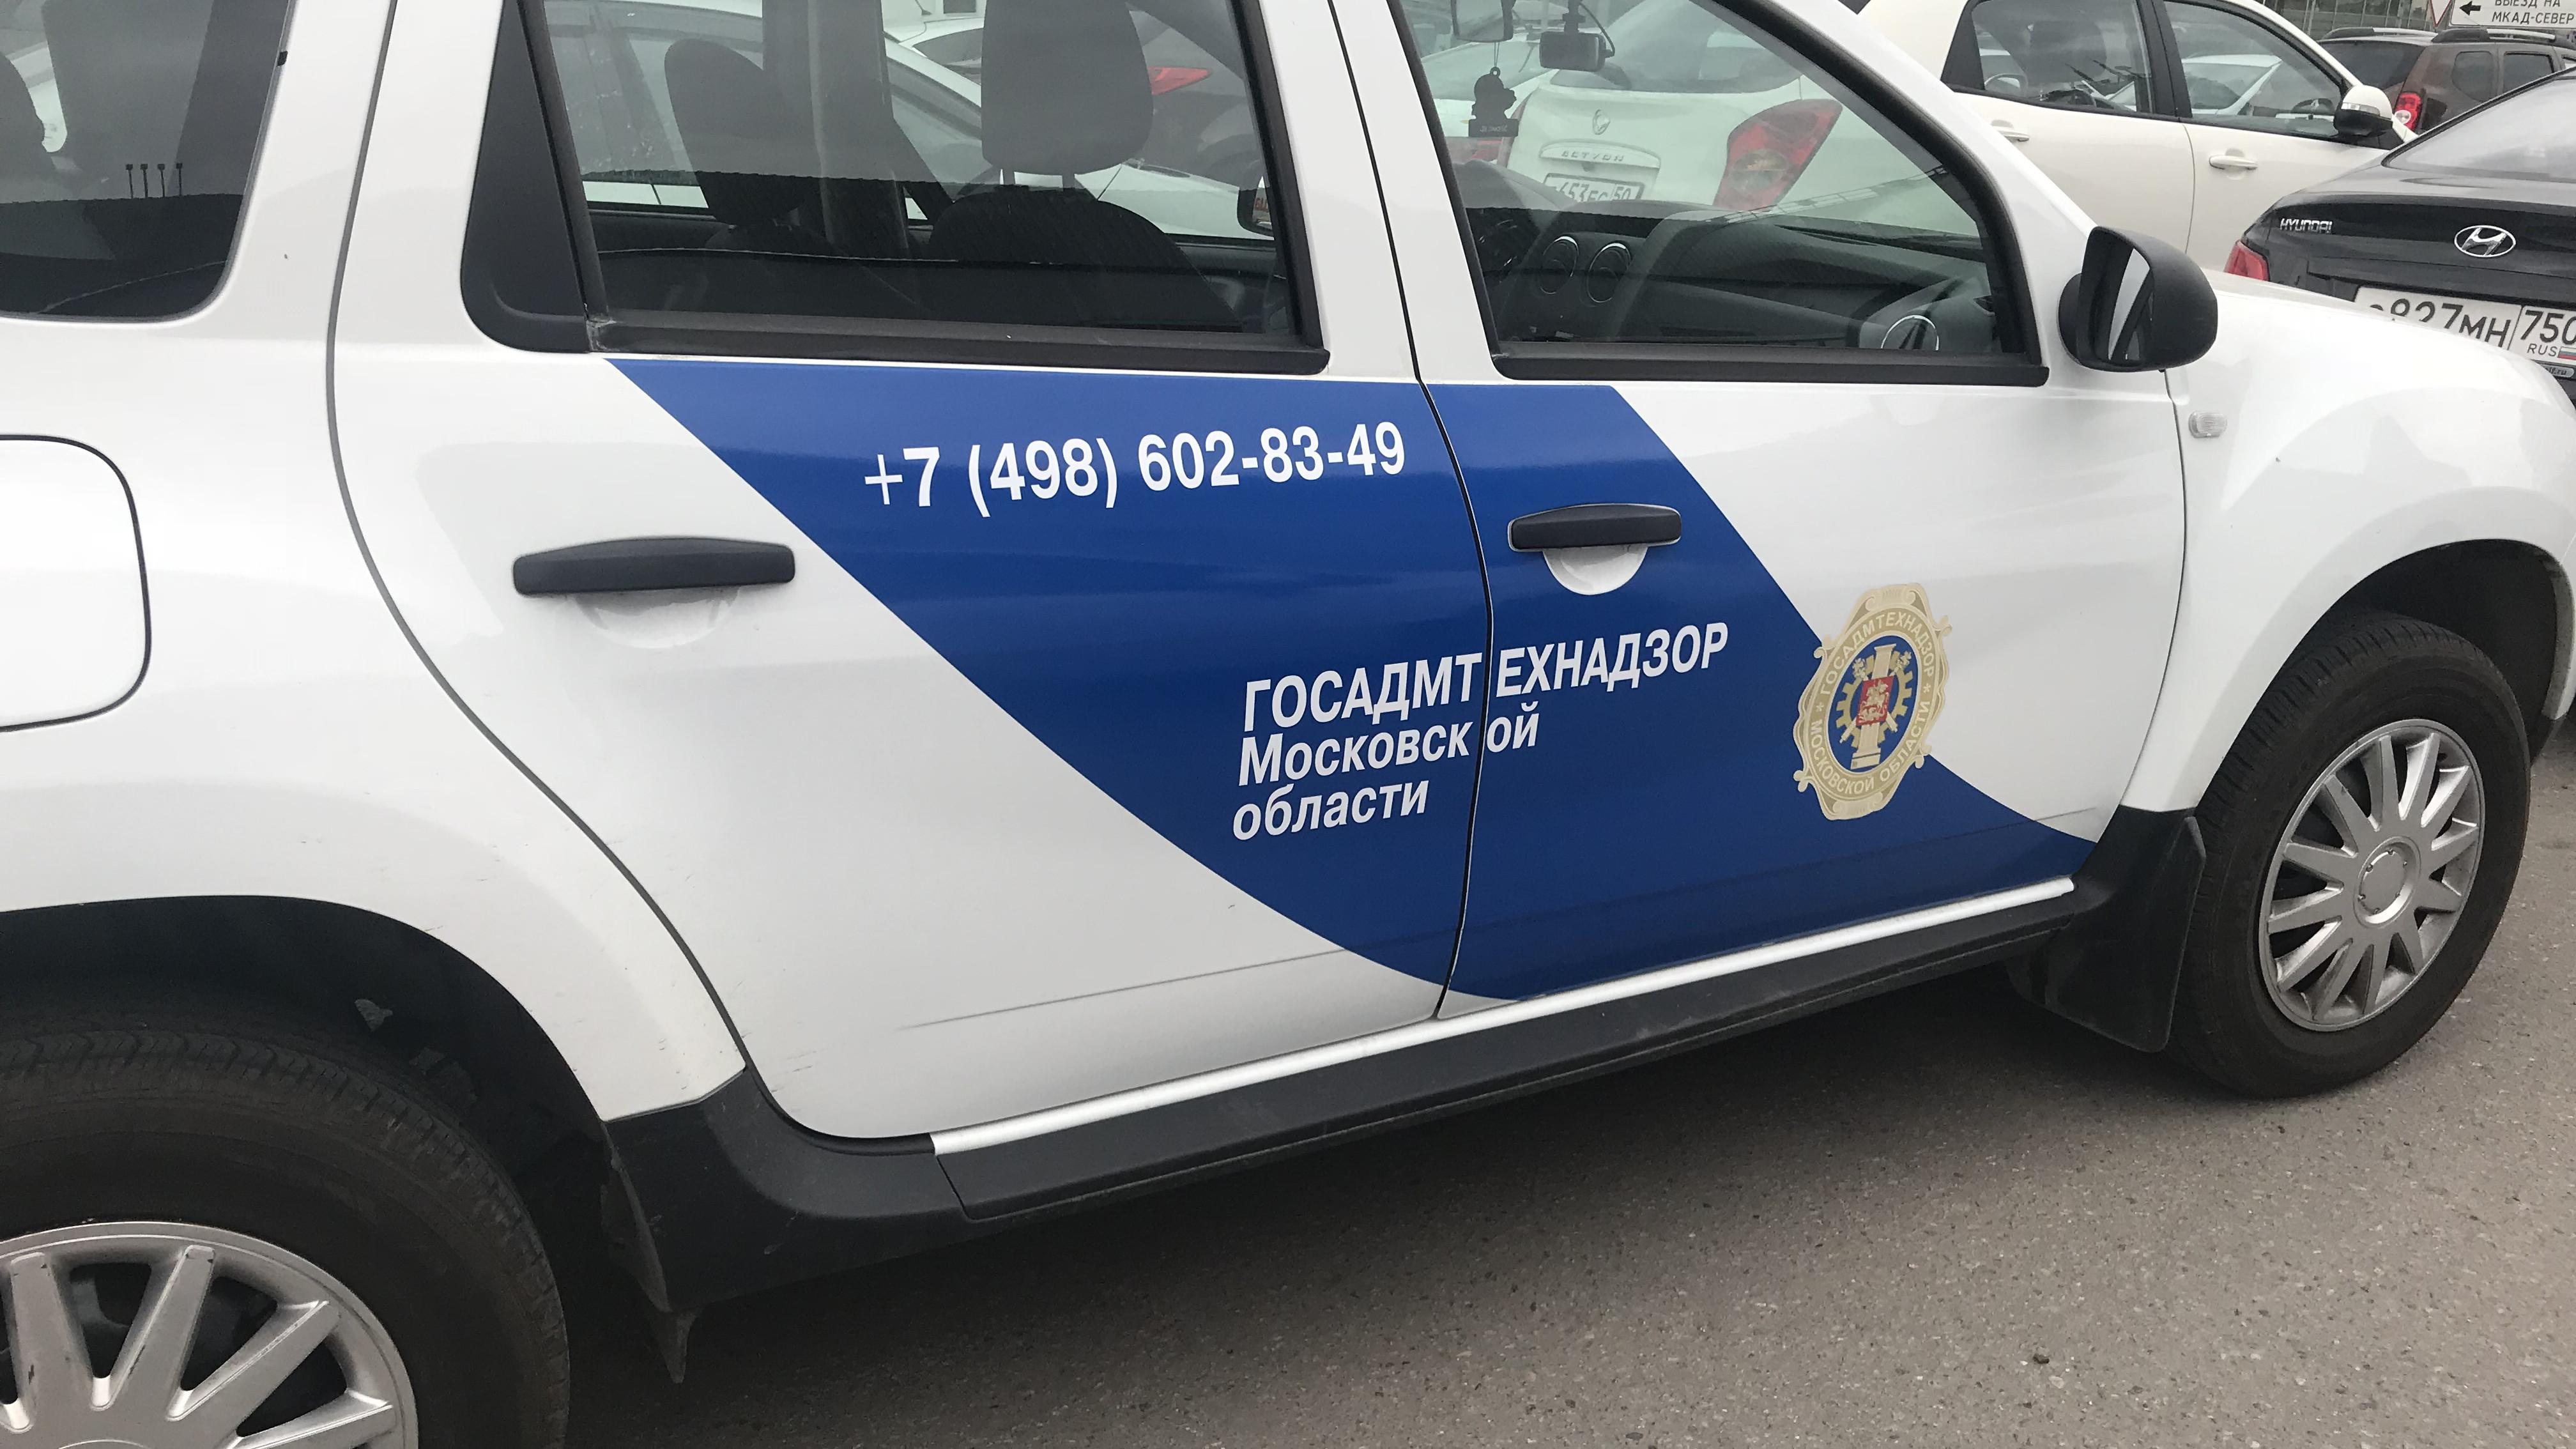 Более 880 дорожных объектов привели в порядок в Подмосковье